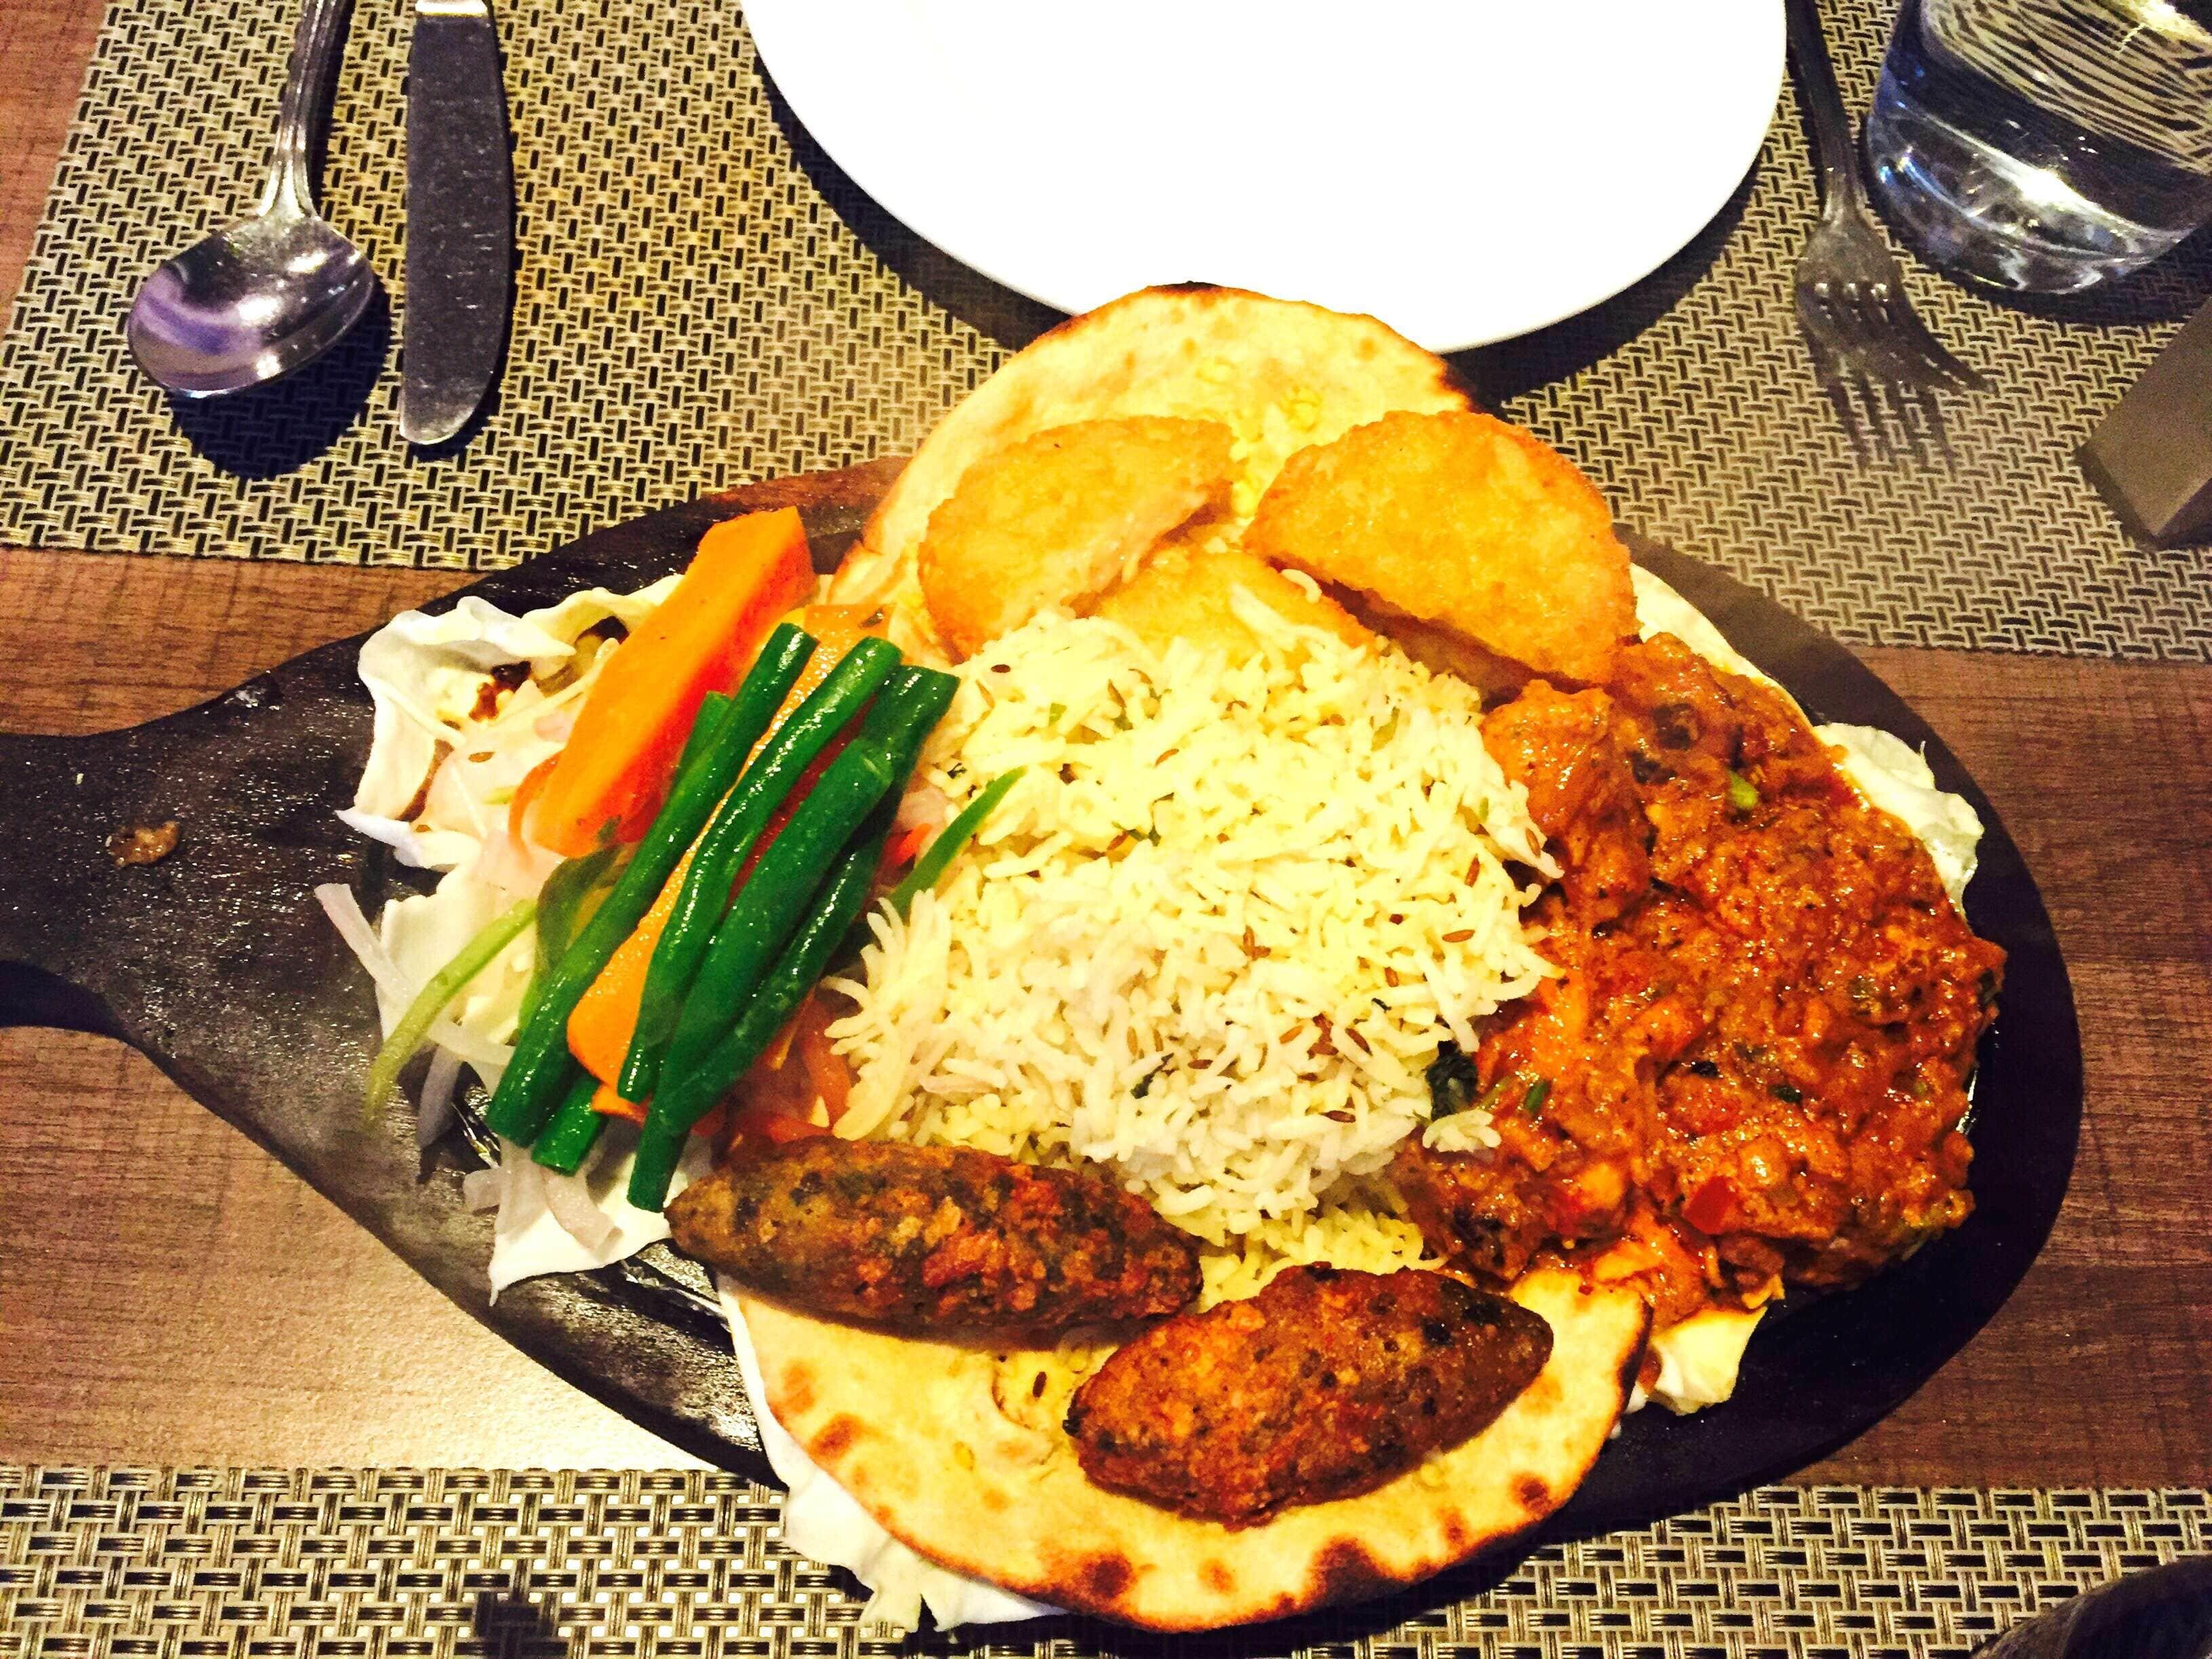 shaifali loya s review for the zuree urban kitchen mohan nagar